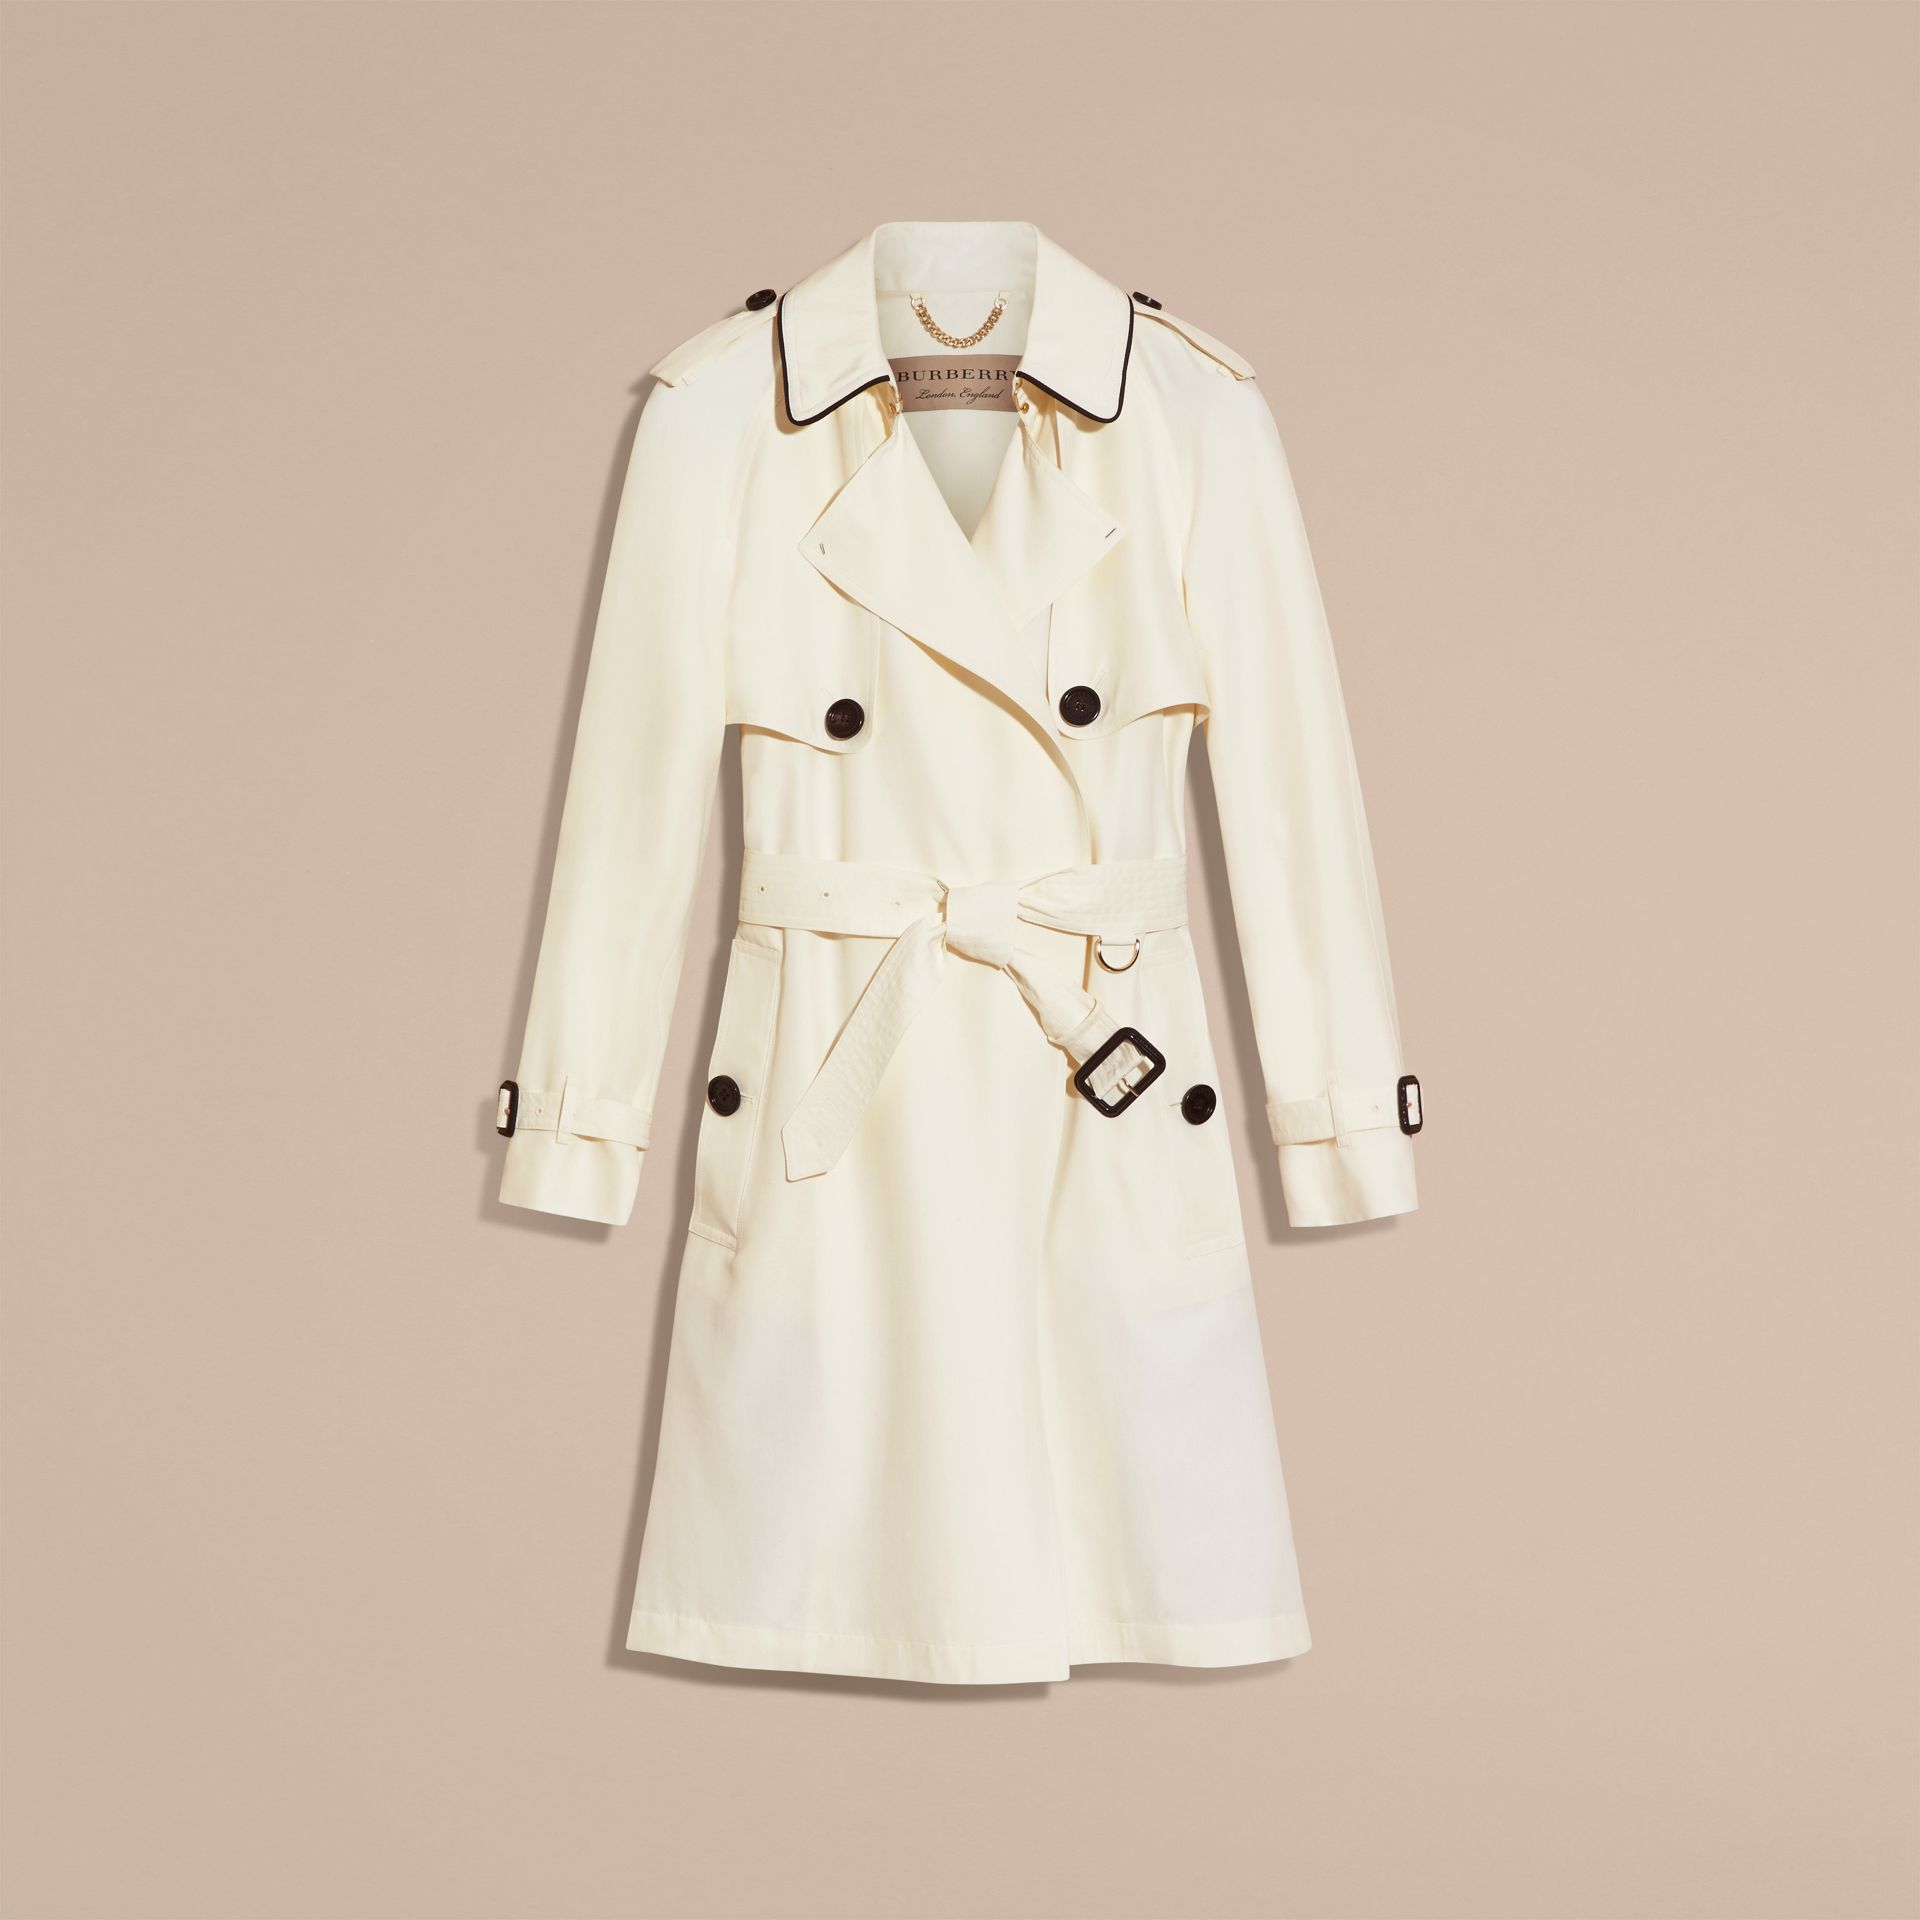 Parchemin Trench-coat en soie avec détails oversize Parchemin - photo de la galerie 4